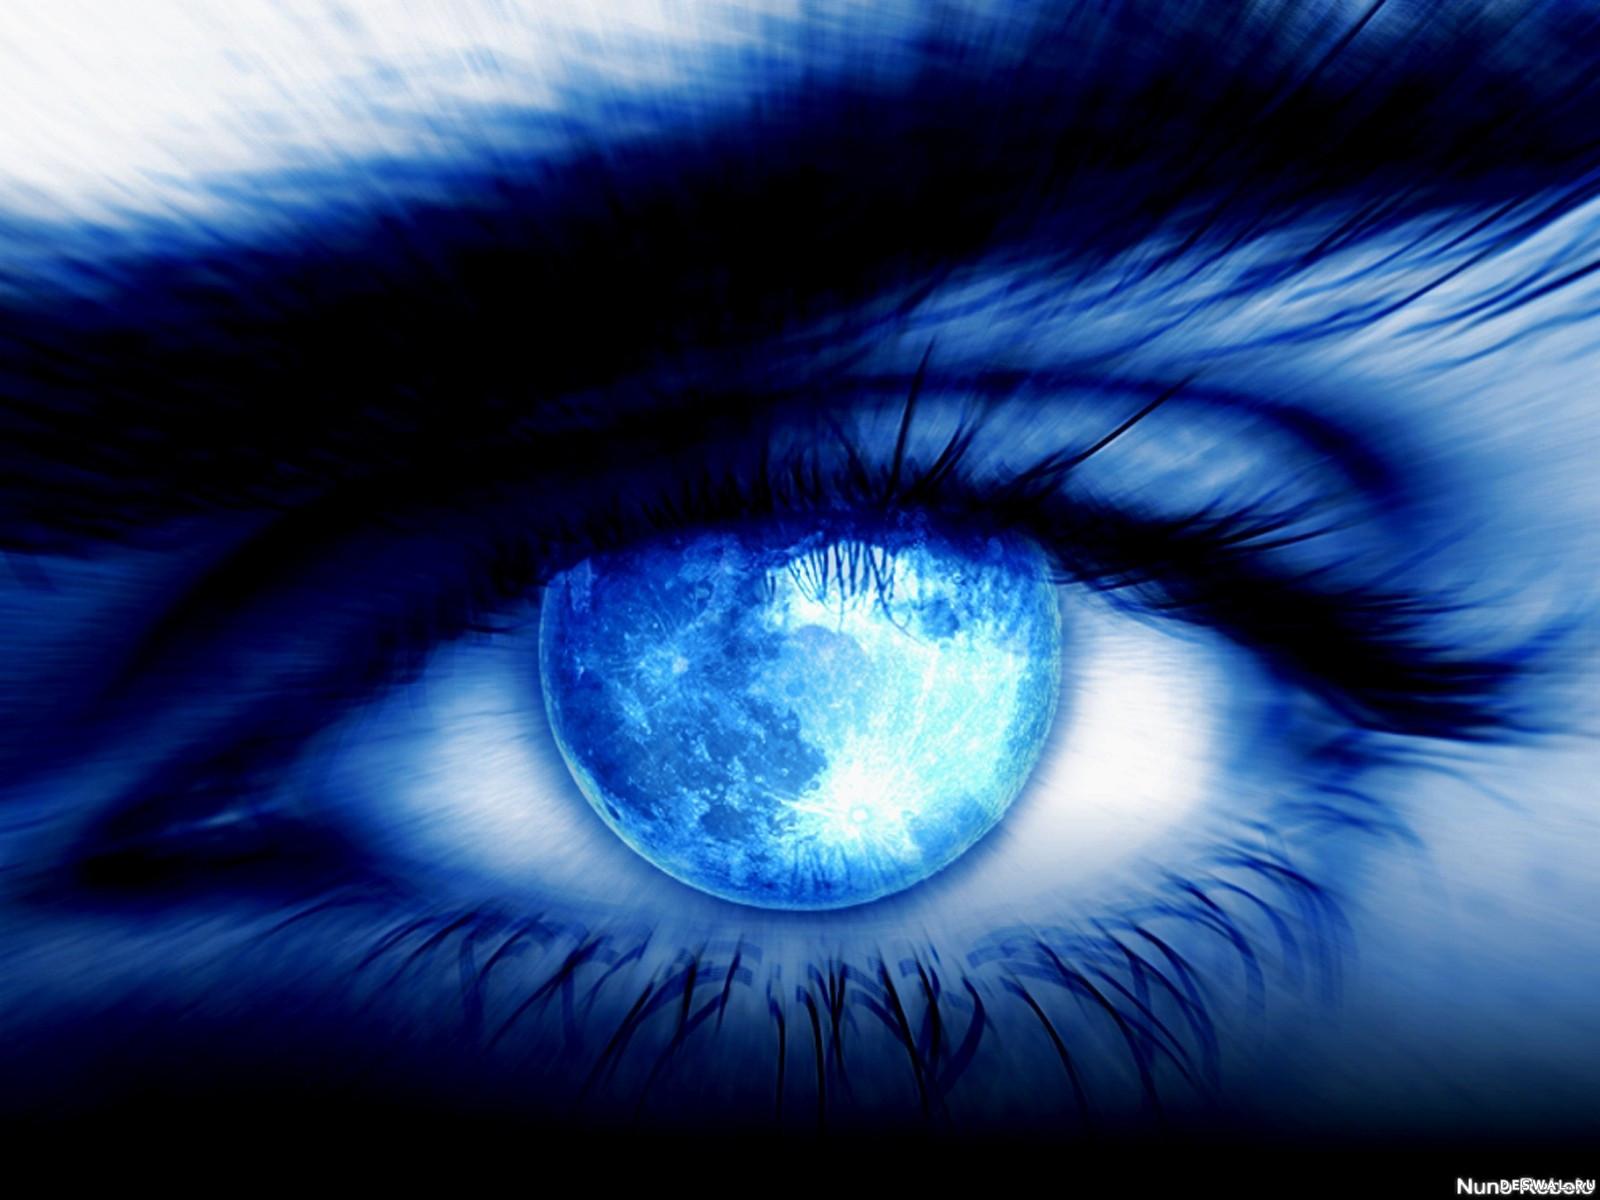 Фото 33.. Нажмите на картинку с обоями глаз, чтобы просмотреть ее в реальном размере